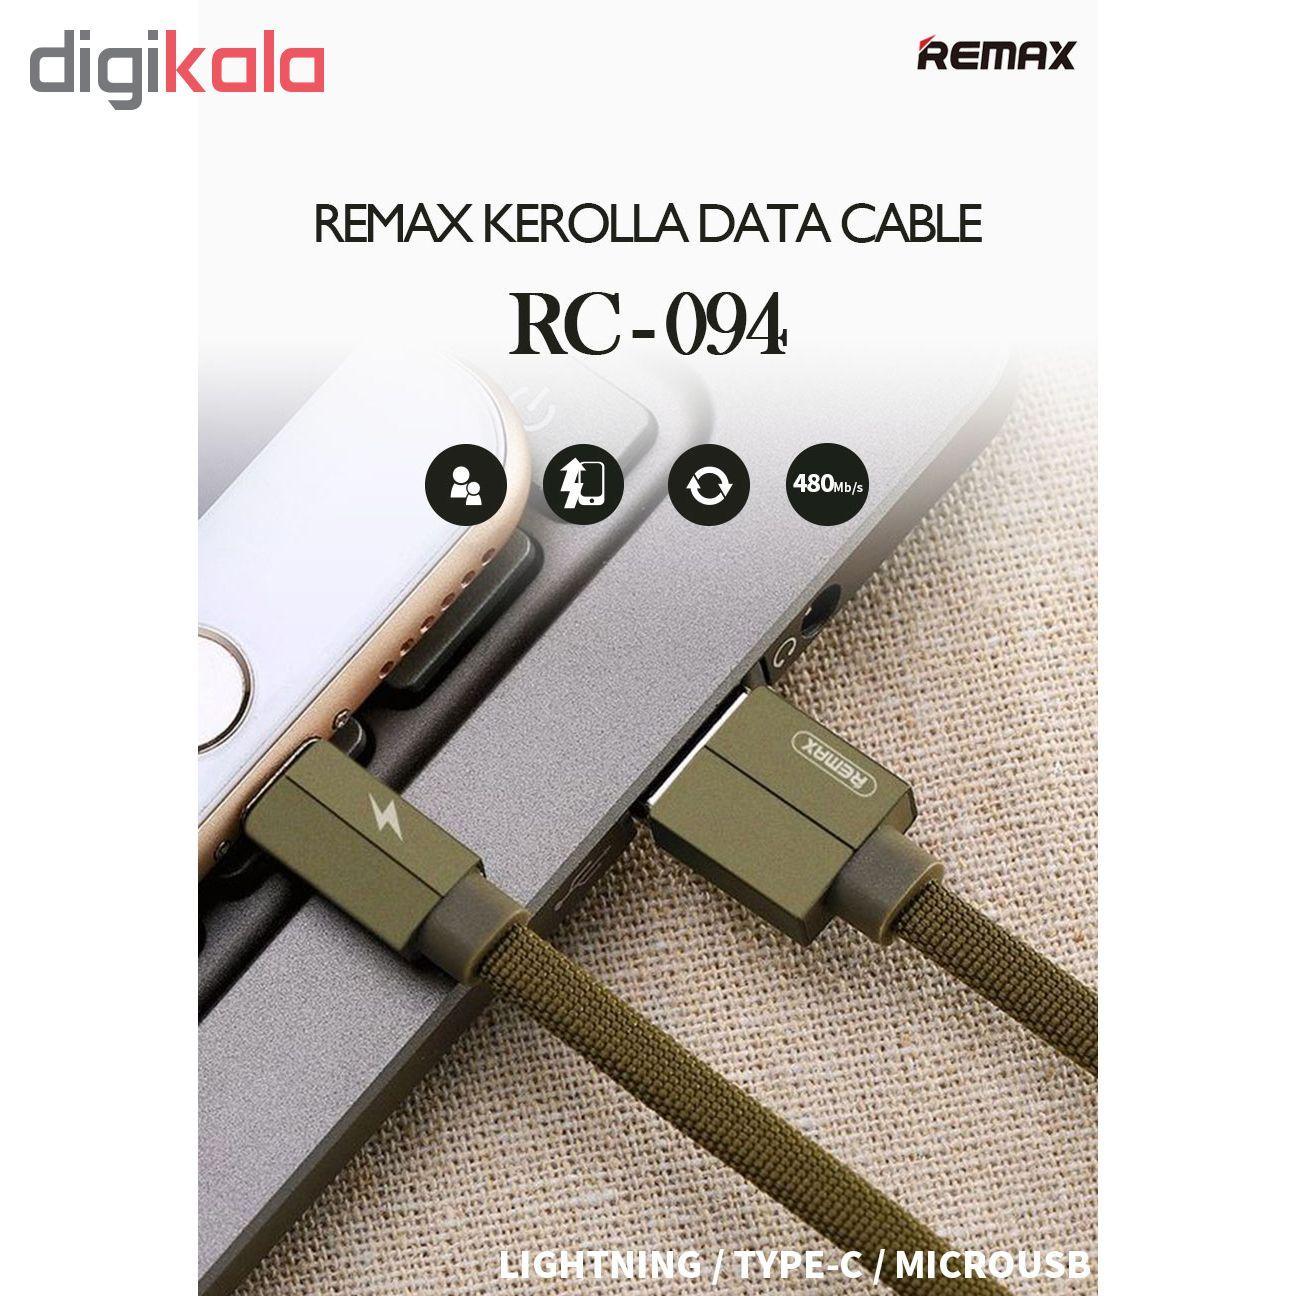 کابل تبدیل USB به لایتنینگ ریمکس مدل Kerolla RC-094i طول 1 متر main 1 8